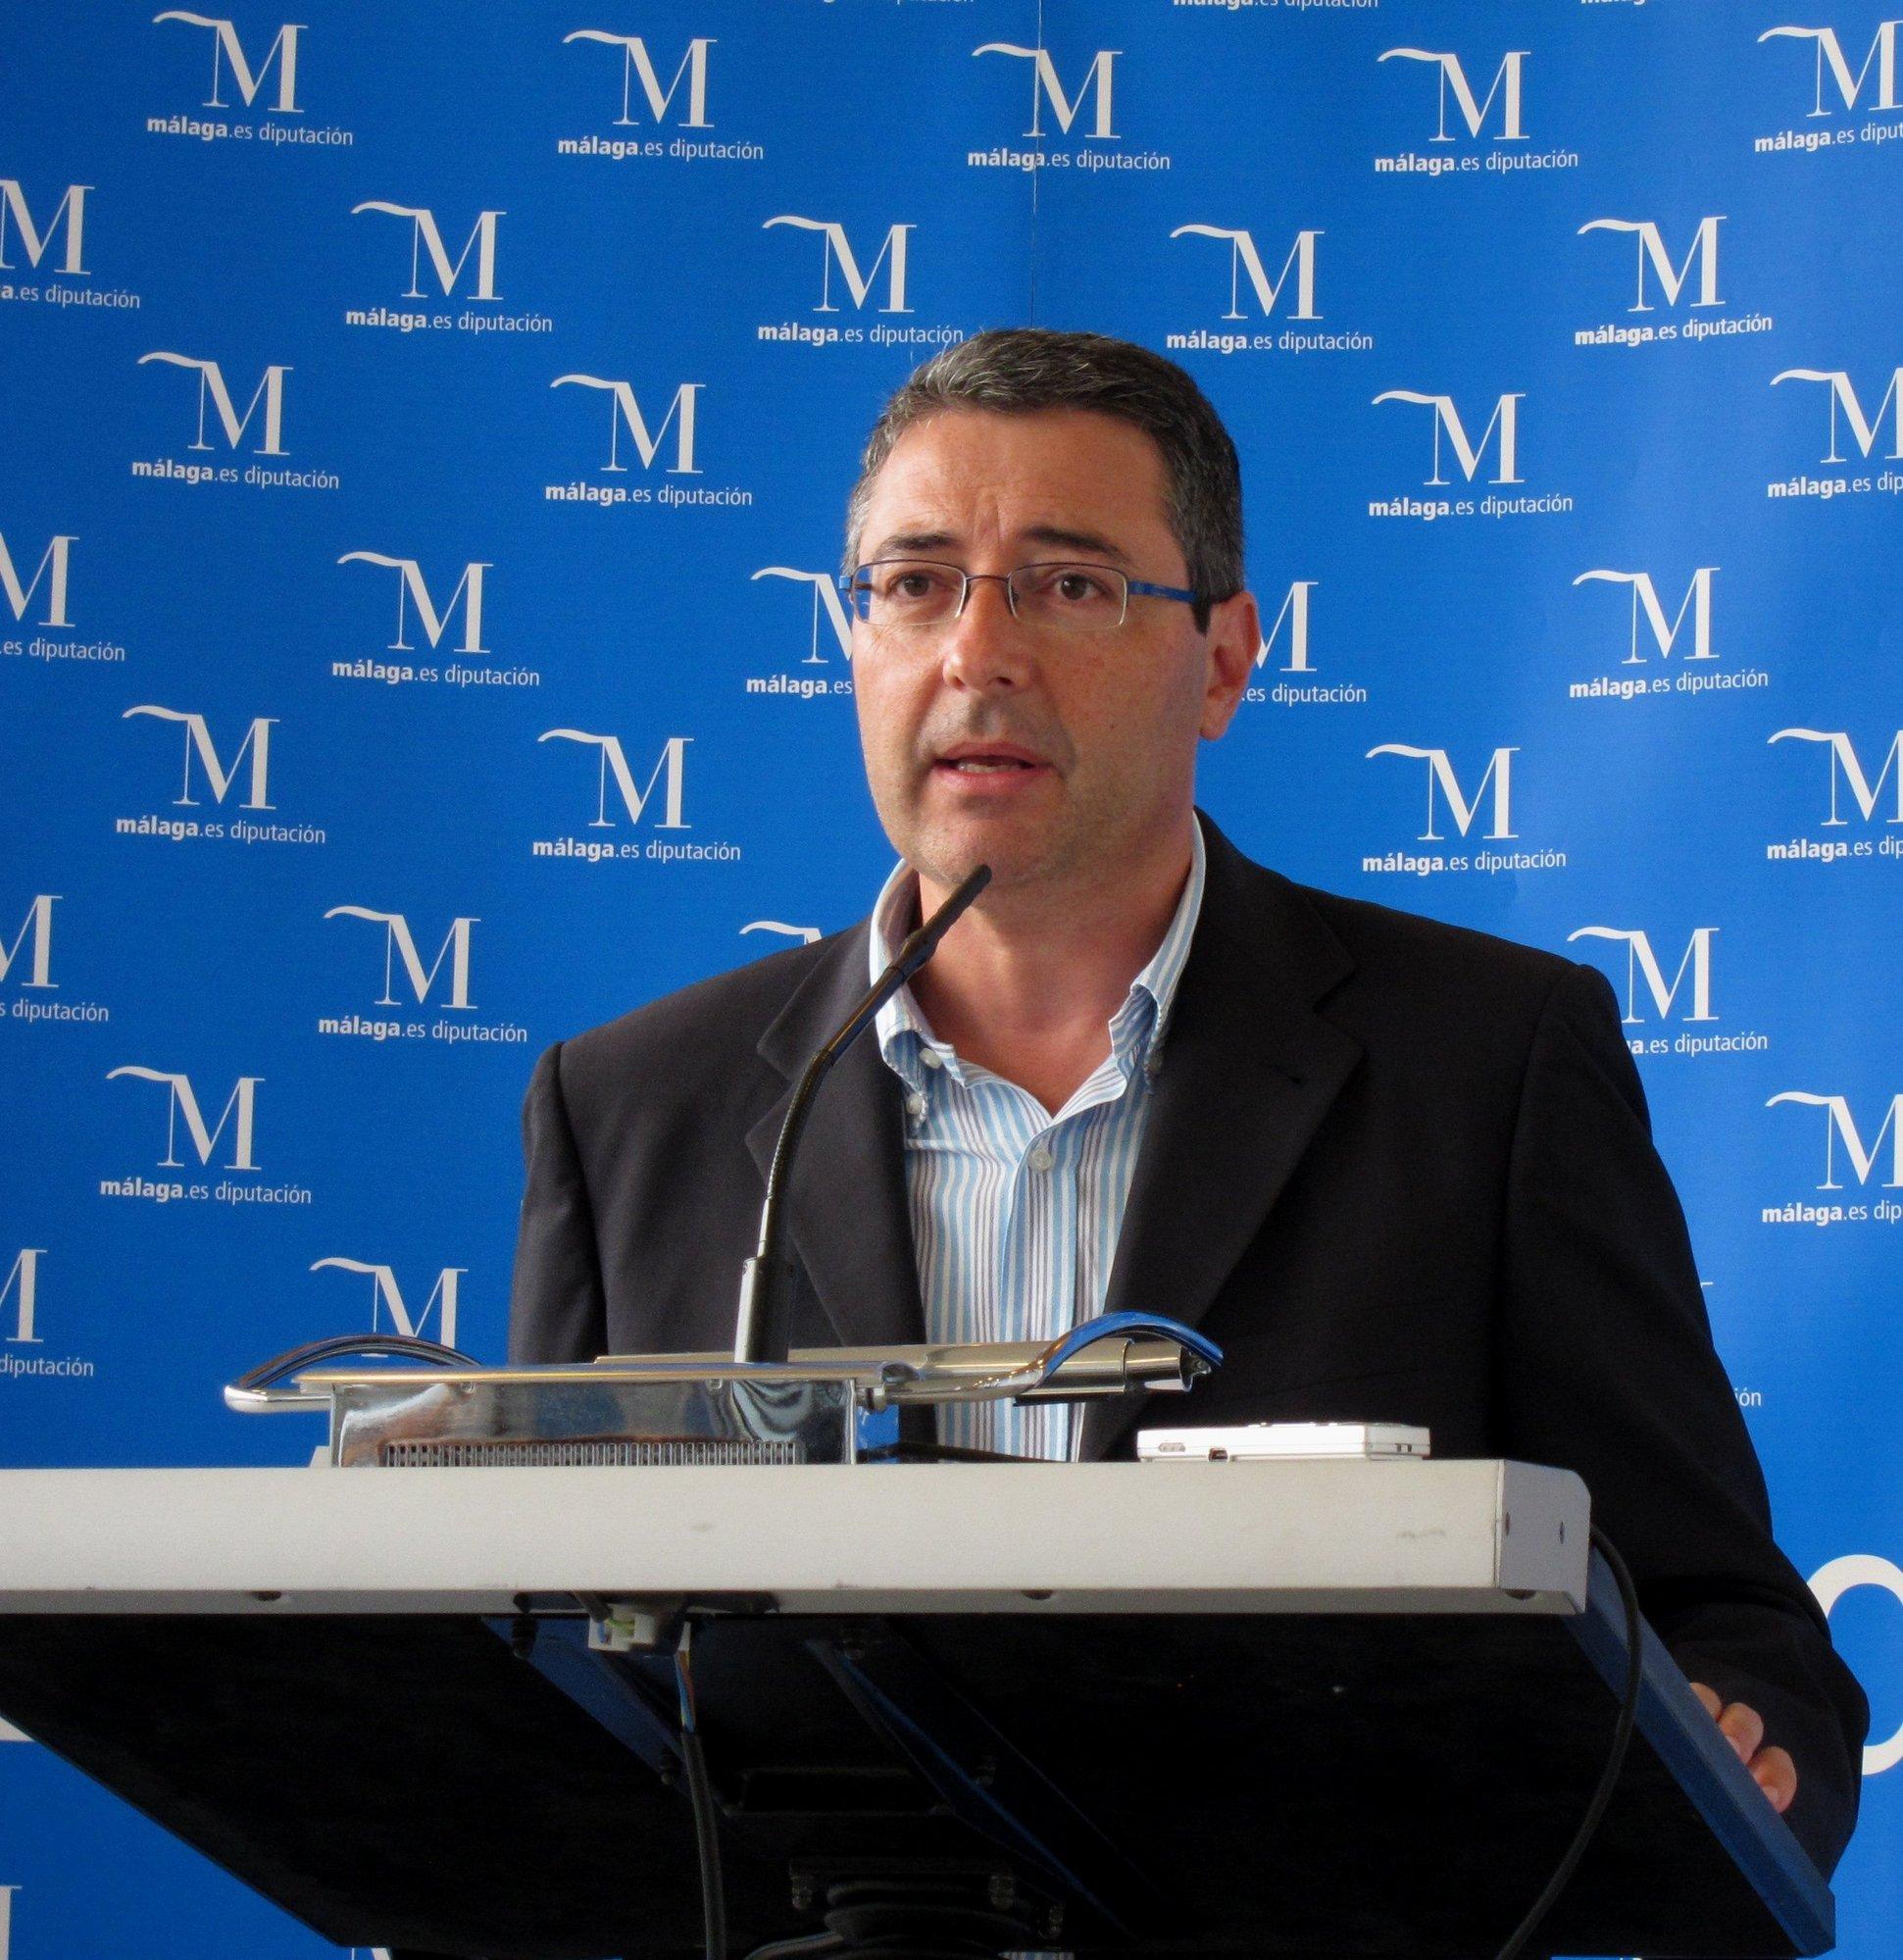 Salado afirma que la Diputación mantiene el compromiso con sindicatos y empresarios en materia de empleo